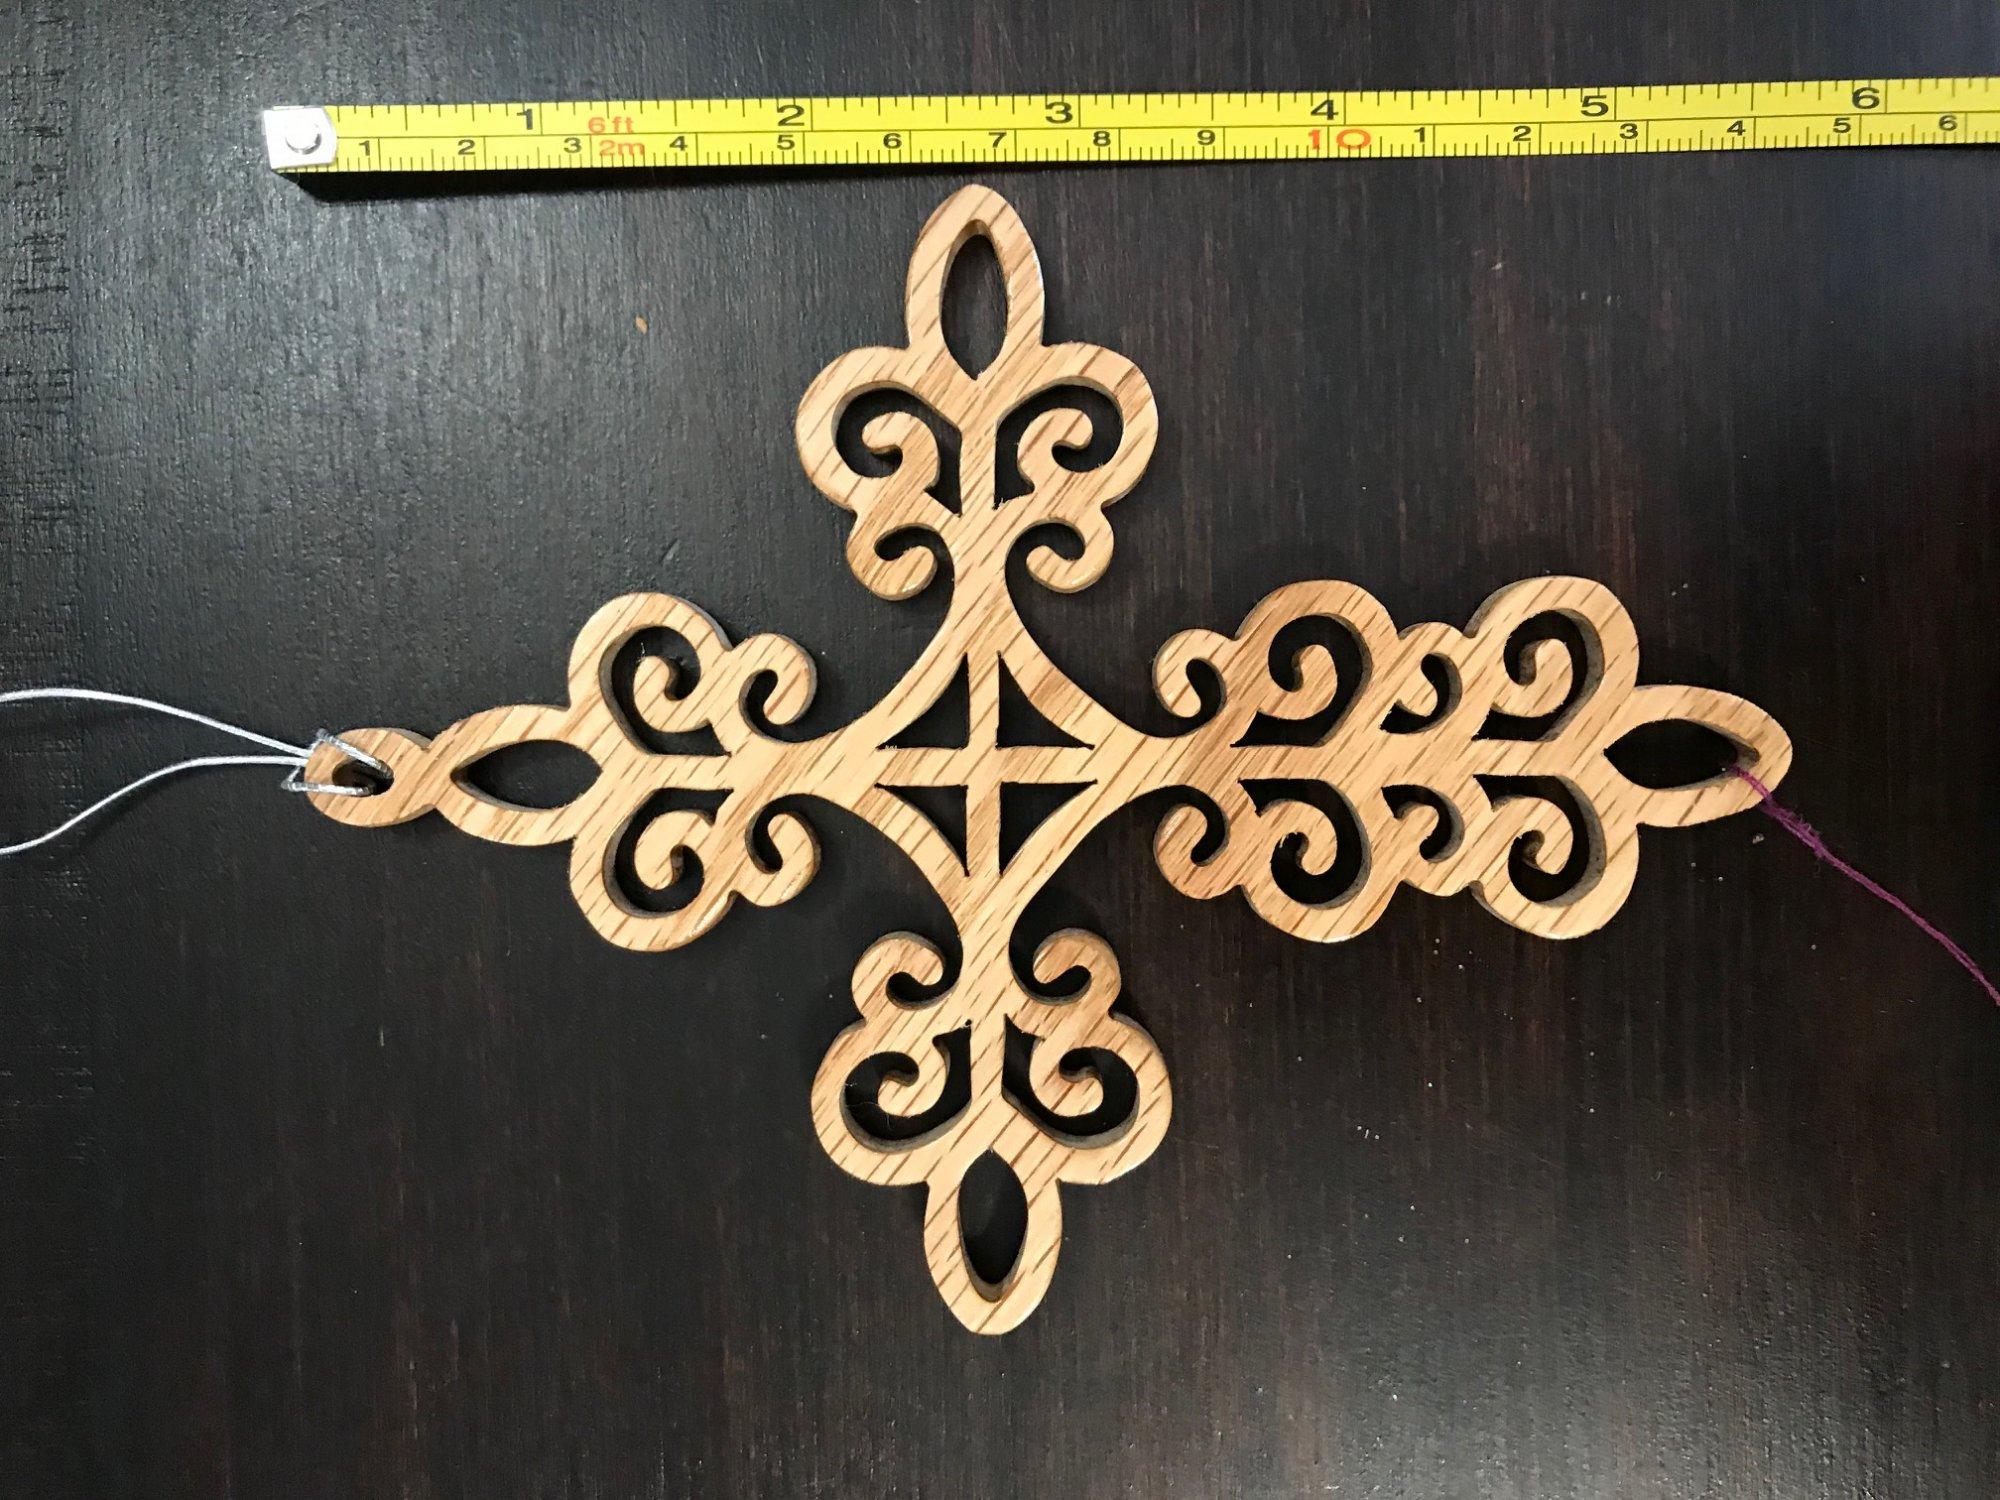 Ornamental Cross Wood 6 inch Ornament by Jo Ann Wiggs